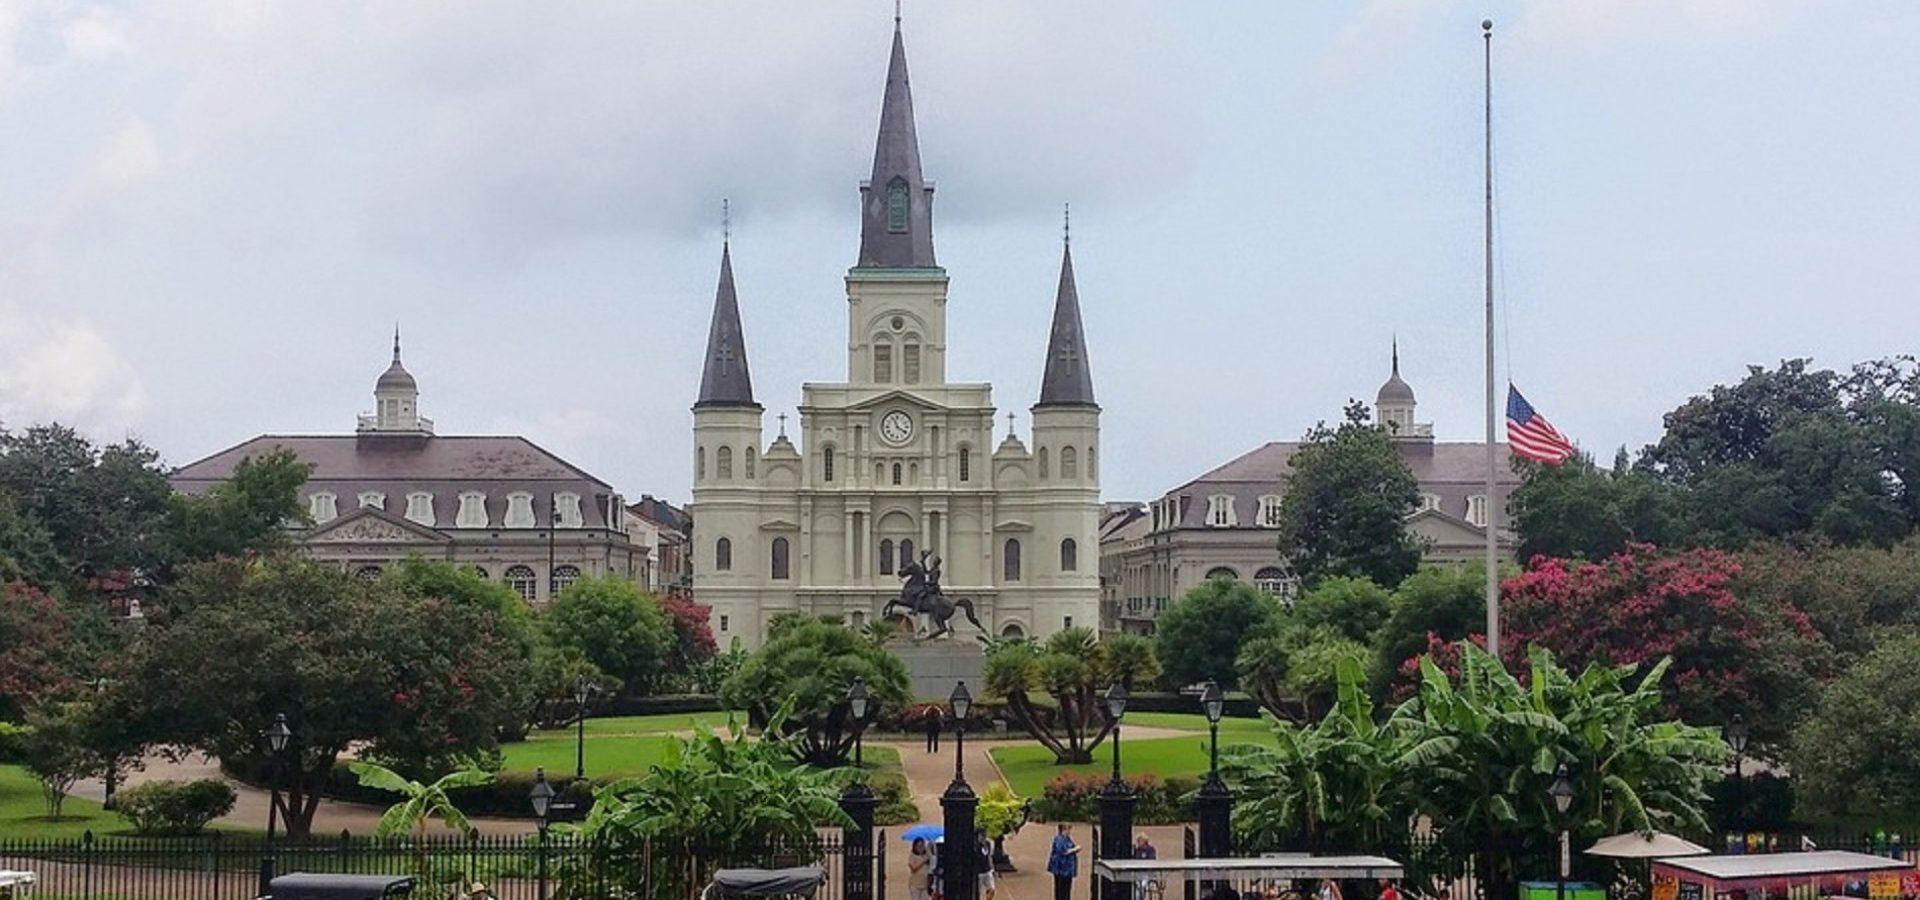 Odlučite se na putovanje u New Orleans, grad poznat po energičnom noćnom životu